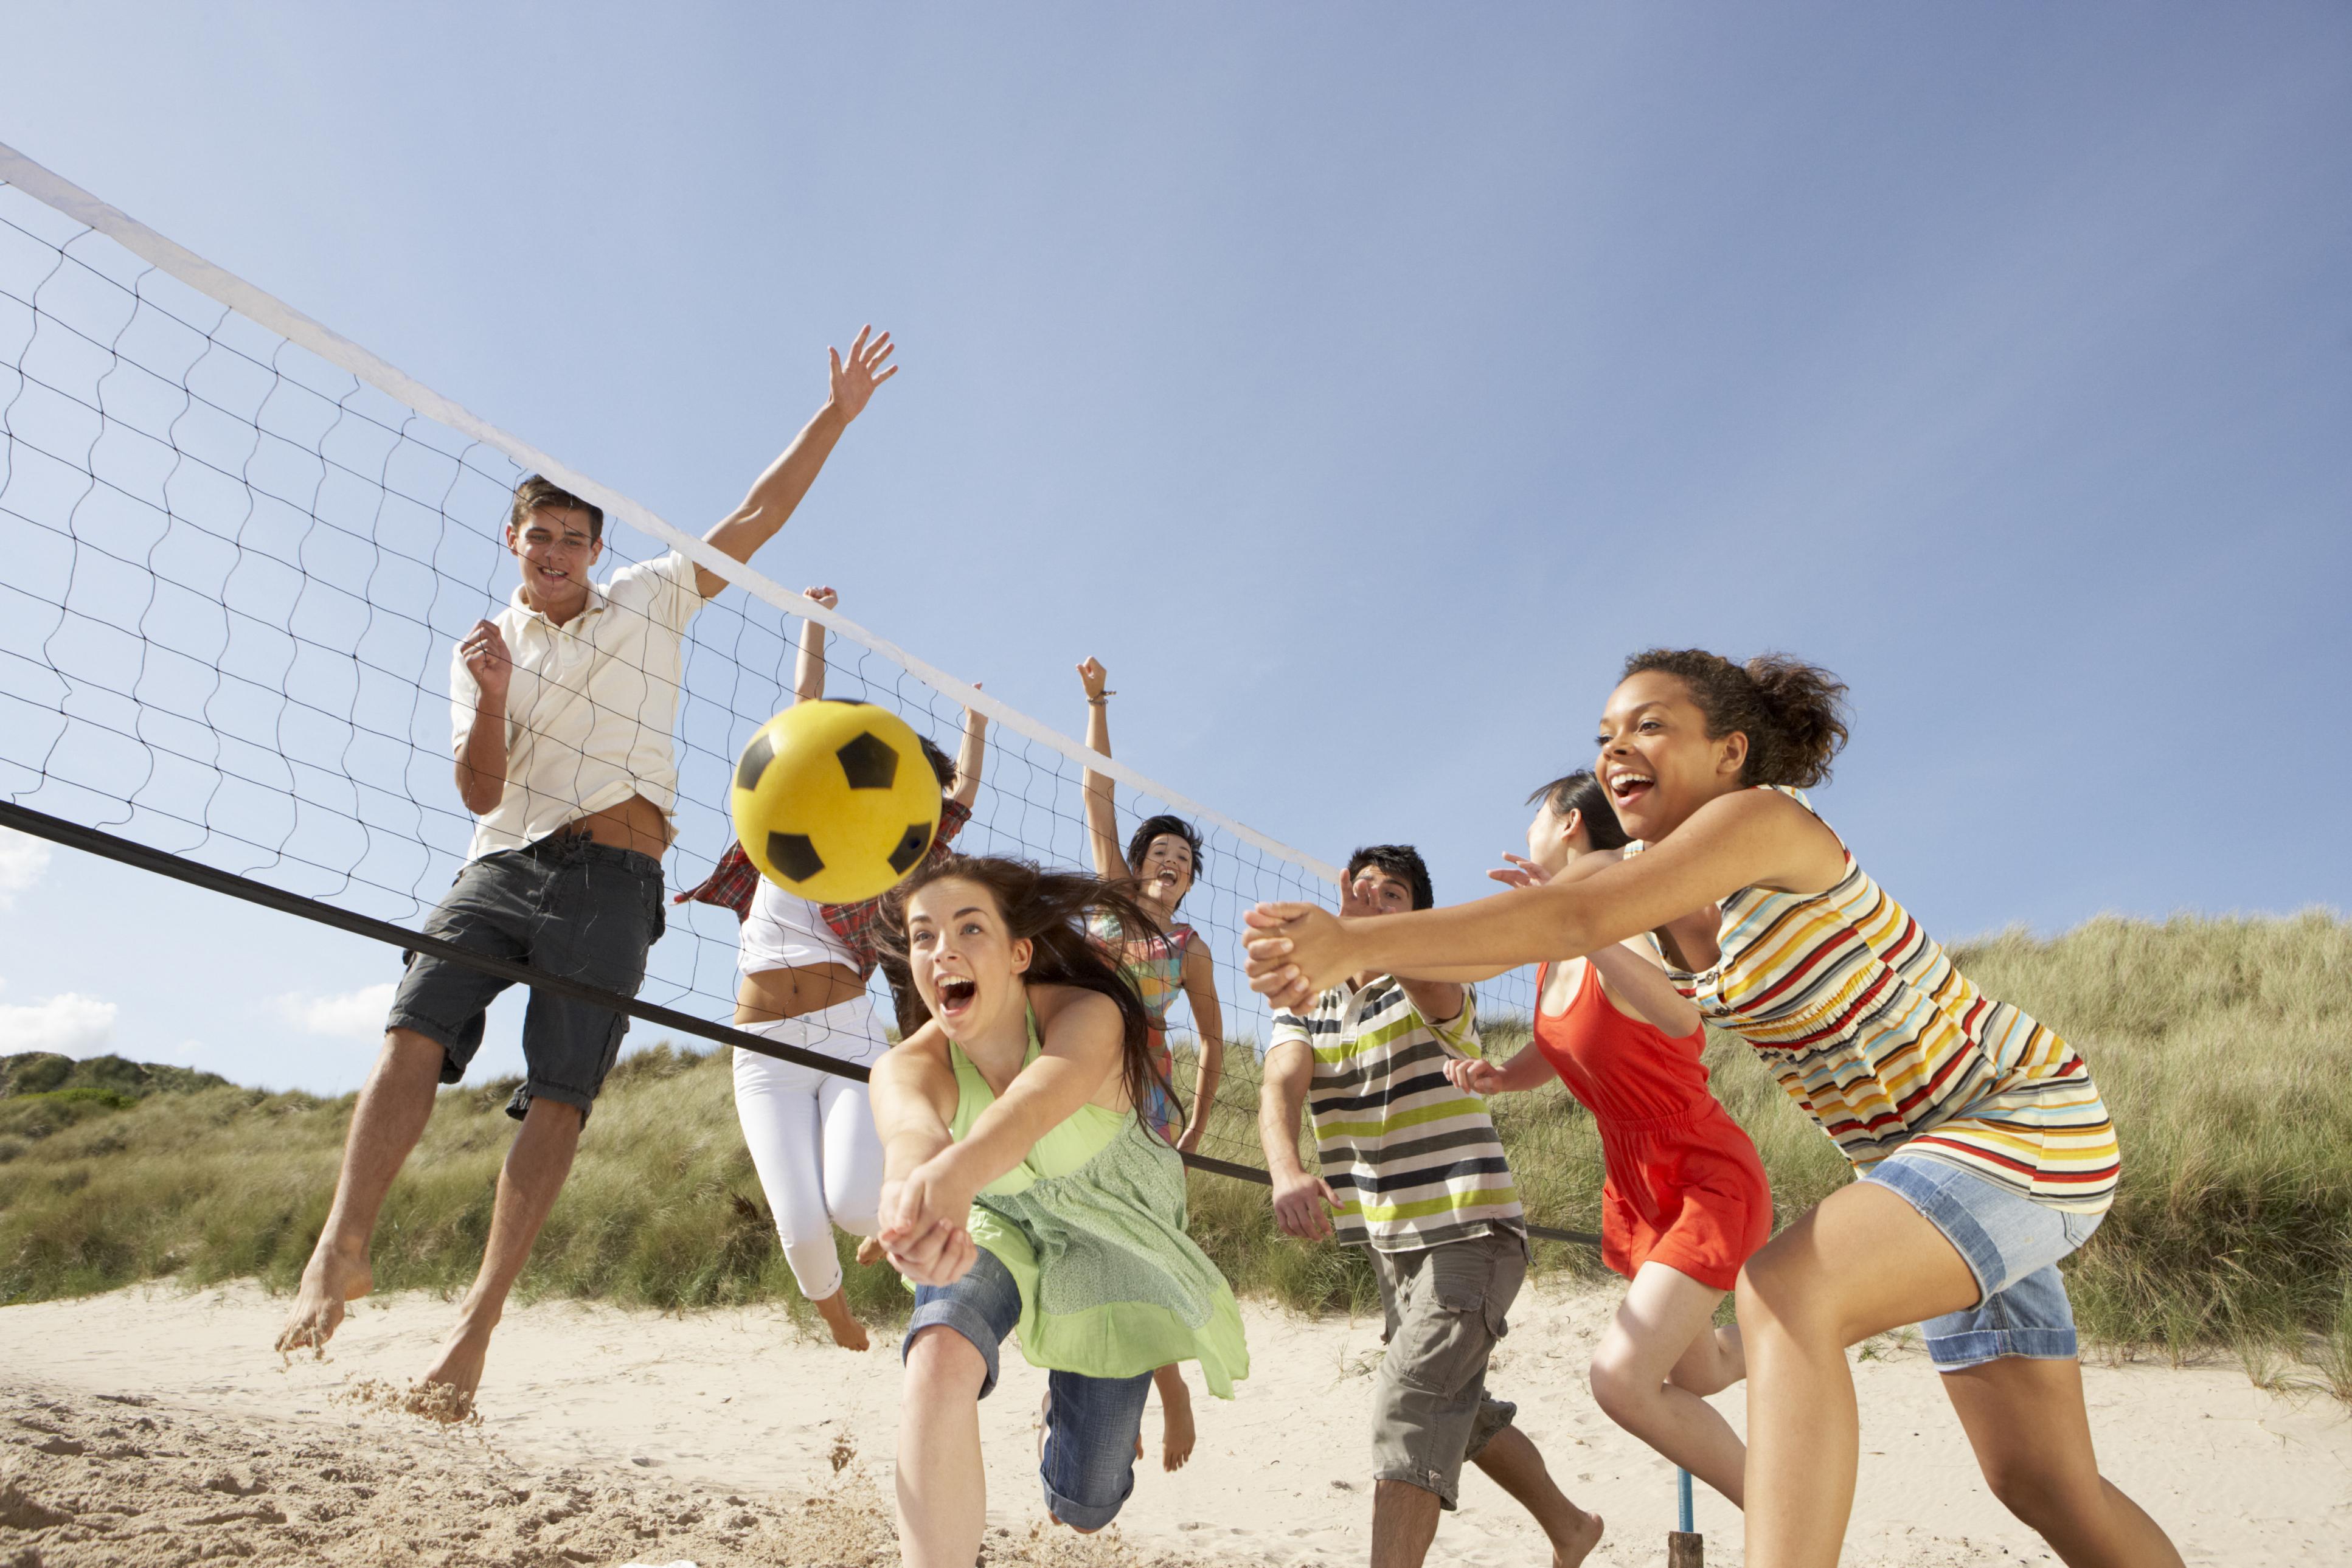 スポーツ、運動、アクティブな遊び